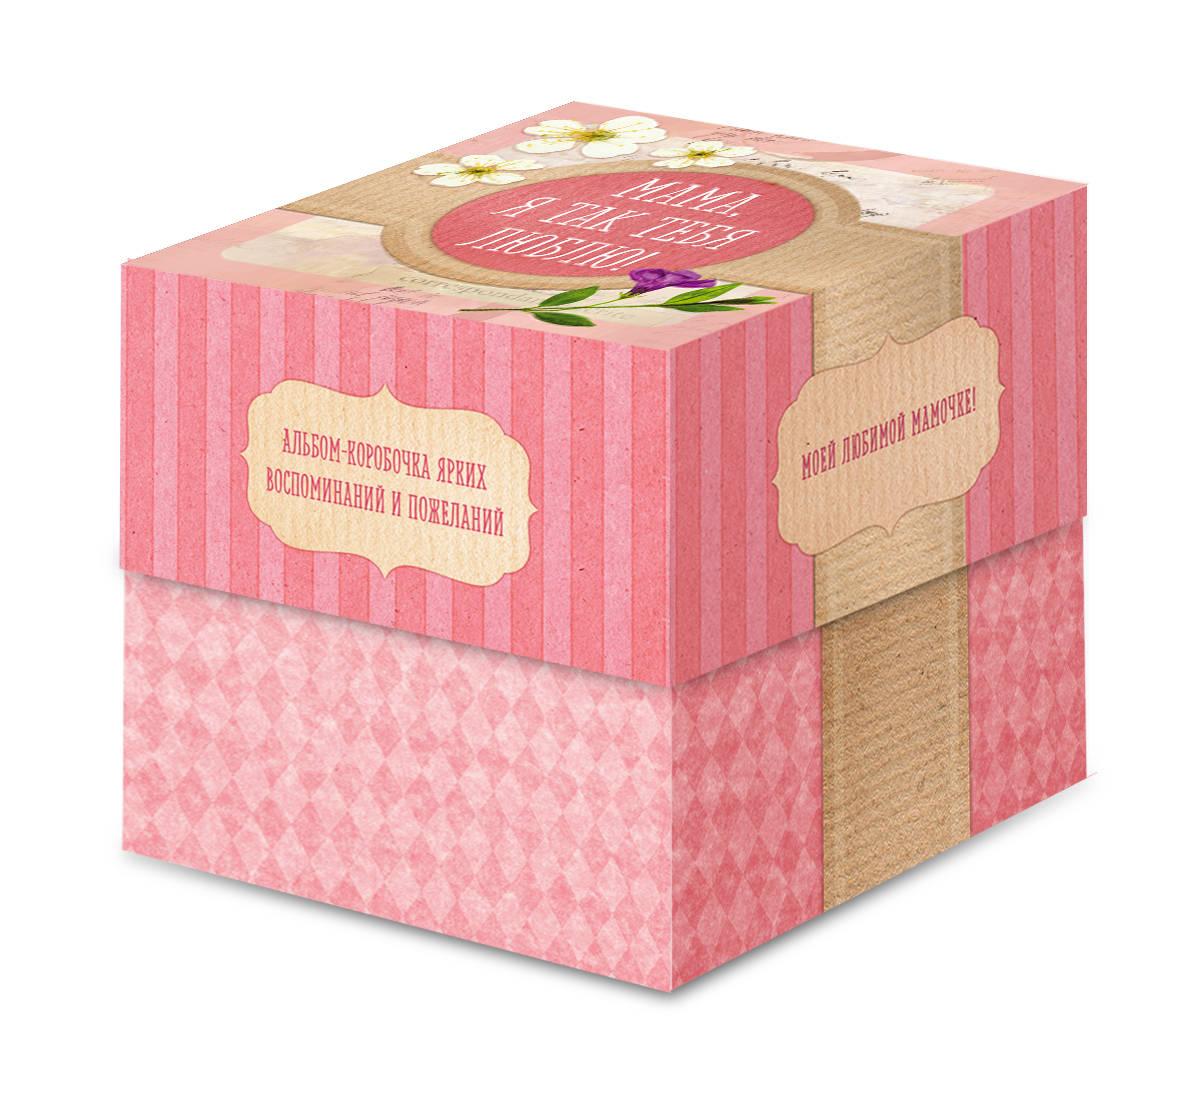 Мама, я так тебя люблю! Альбом-коробочка ярких воспоминаний и пожеланий ( Матушевская Н.  )